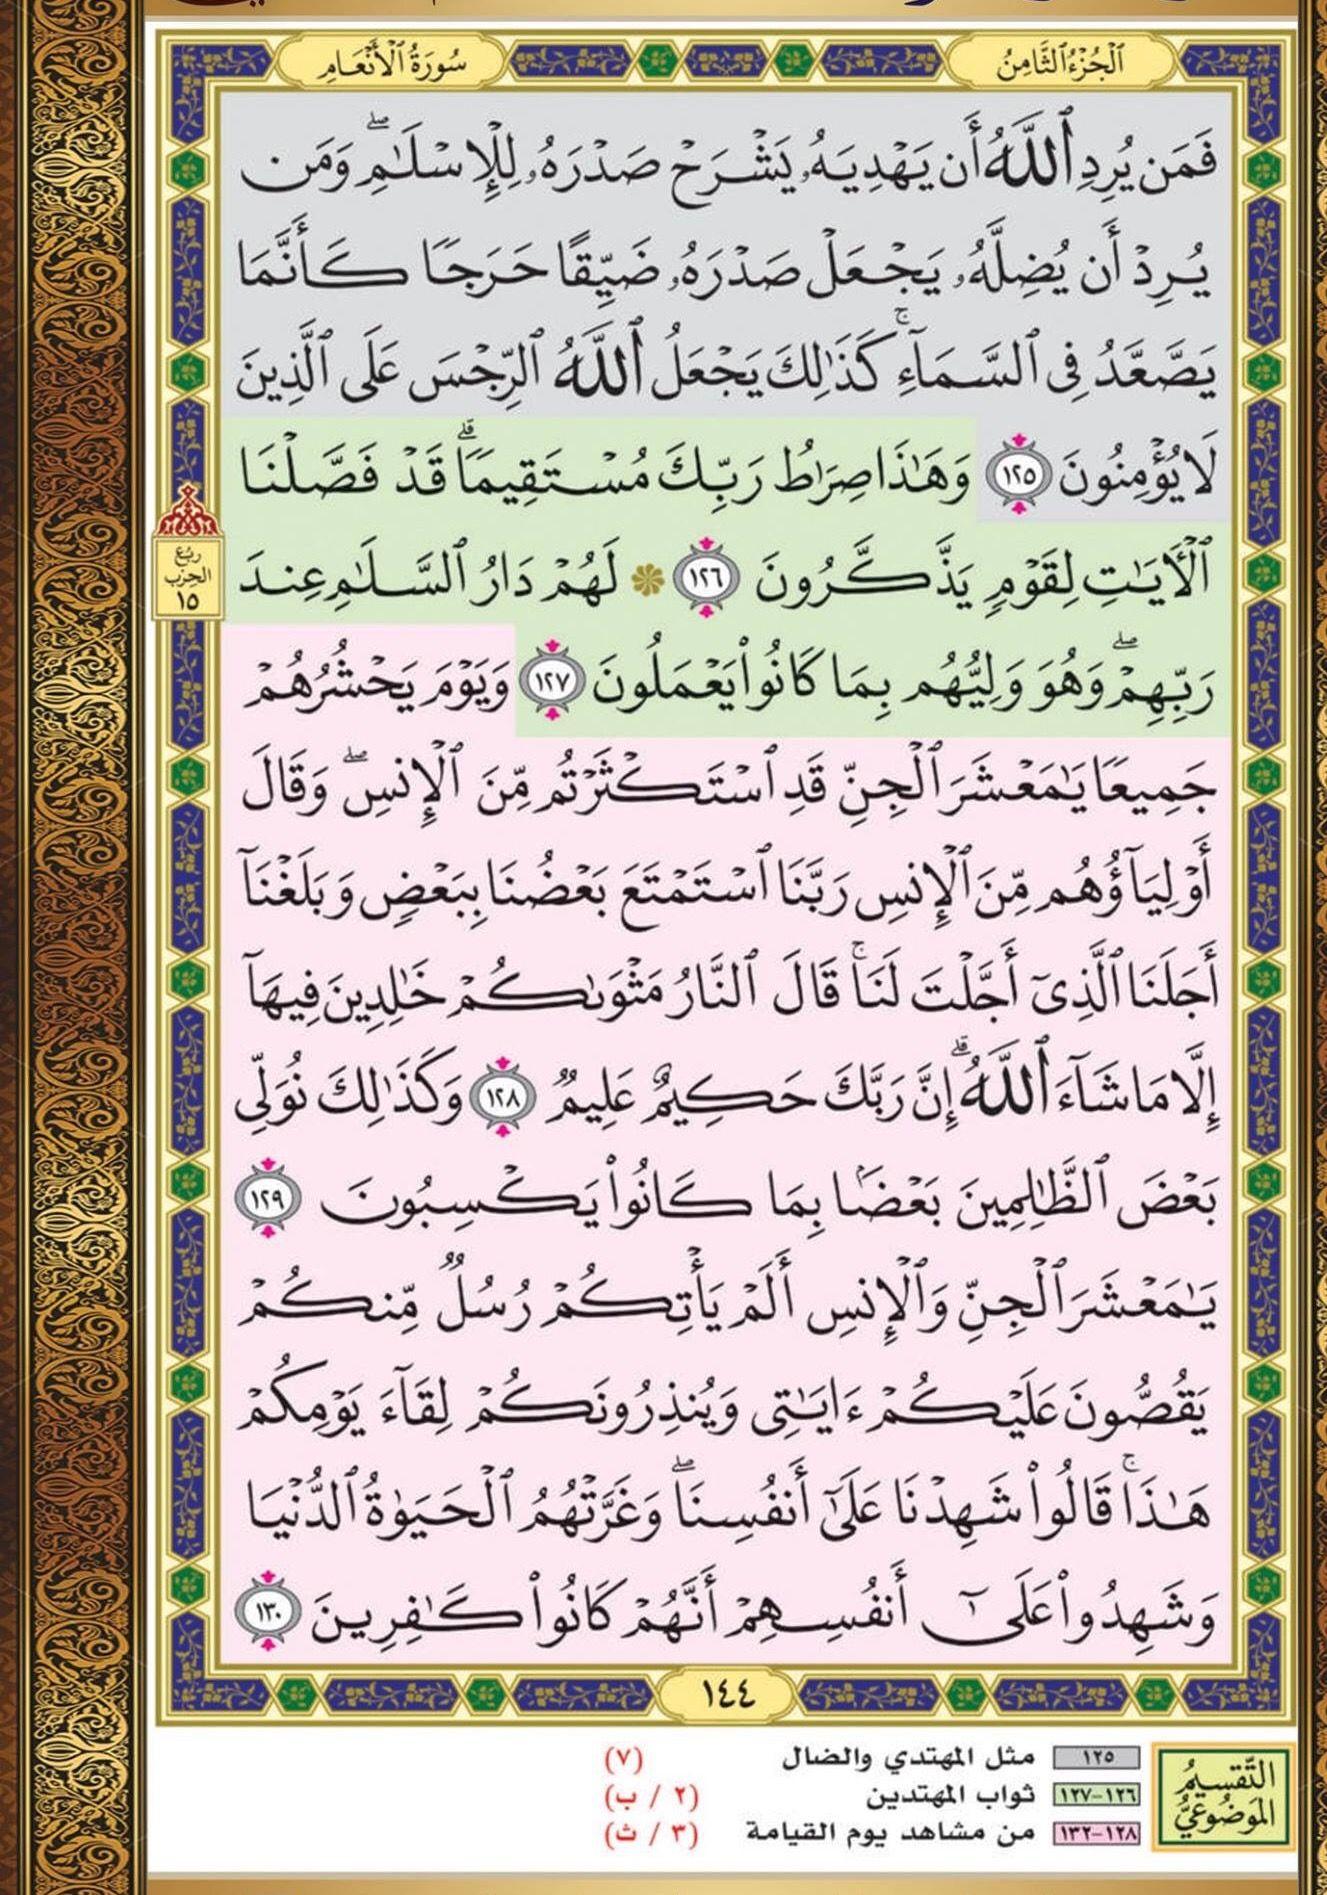 ١٢٥ ١٣٠ الأنعام مصحف التقسيم الموضوعي Holy Quran Book Quran Book Quran Verses